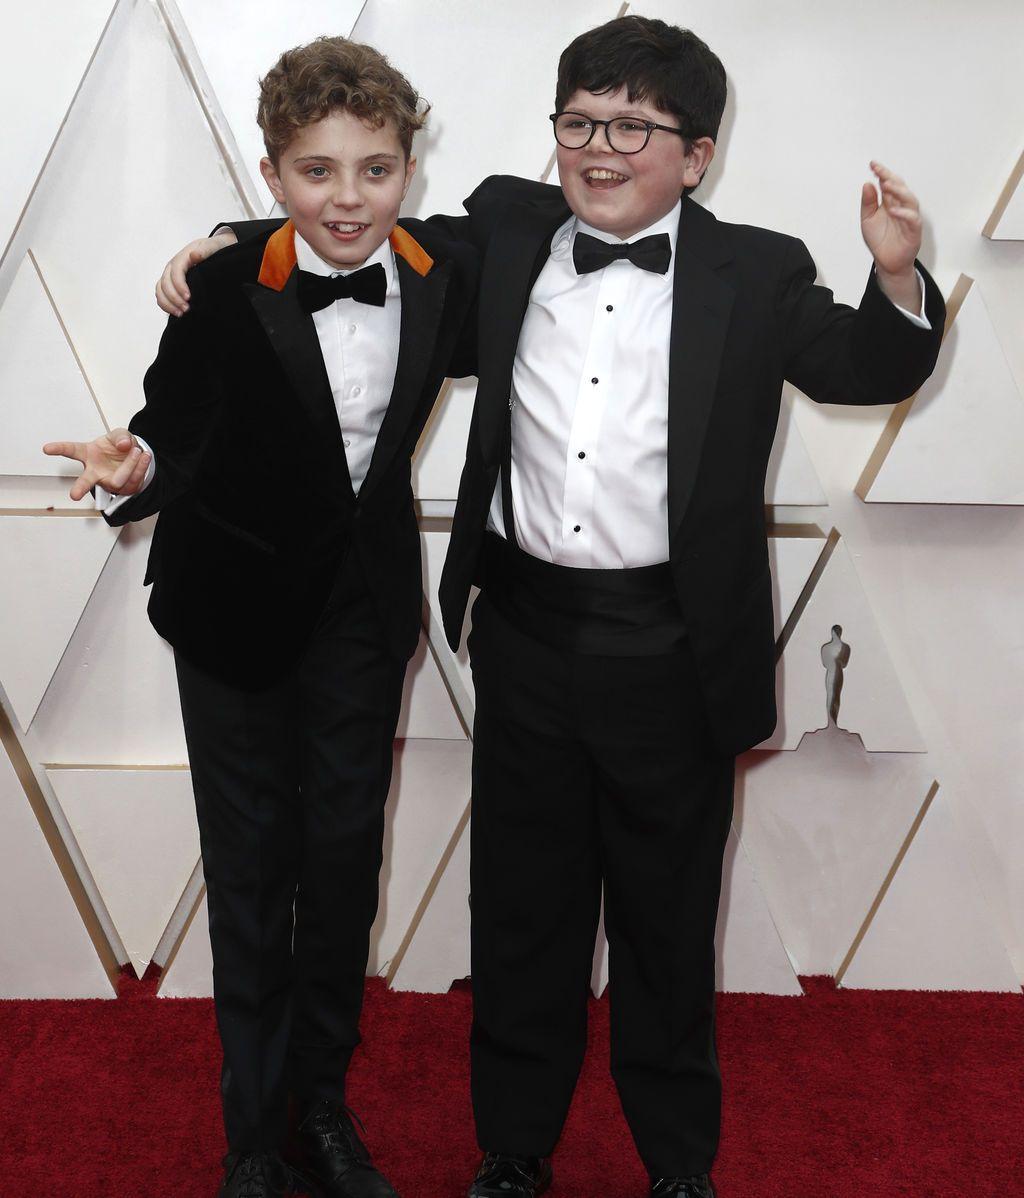 Roman Griffin Davis y Archie Yates posan en la alfombra roja de los Premios Óscar 2020